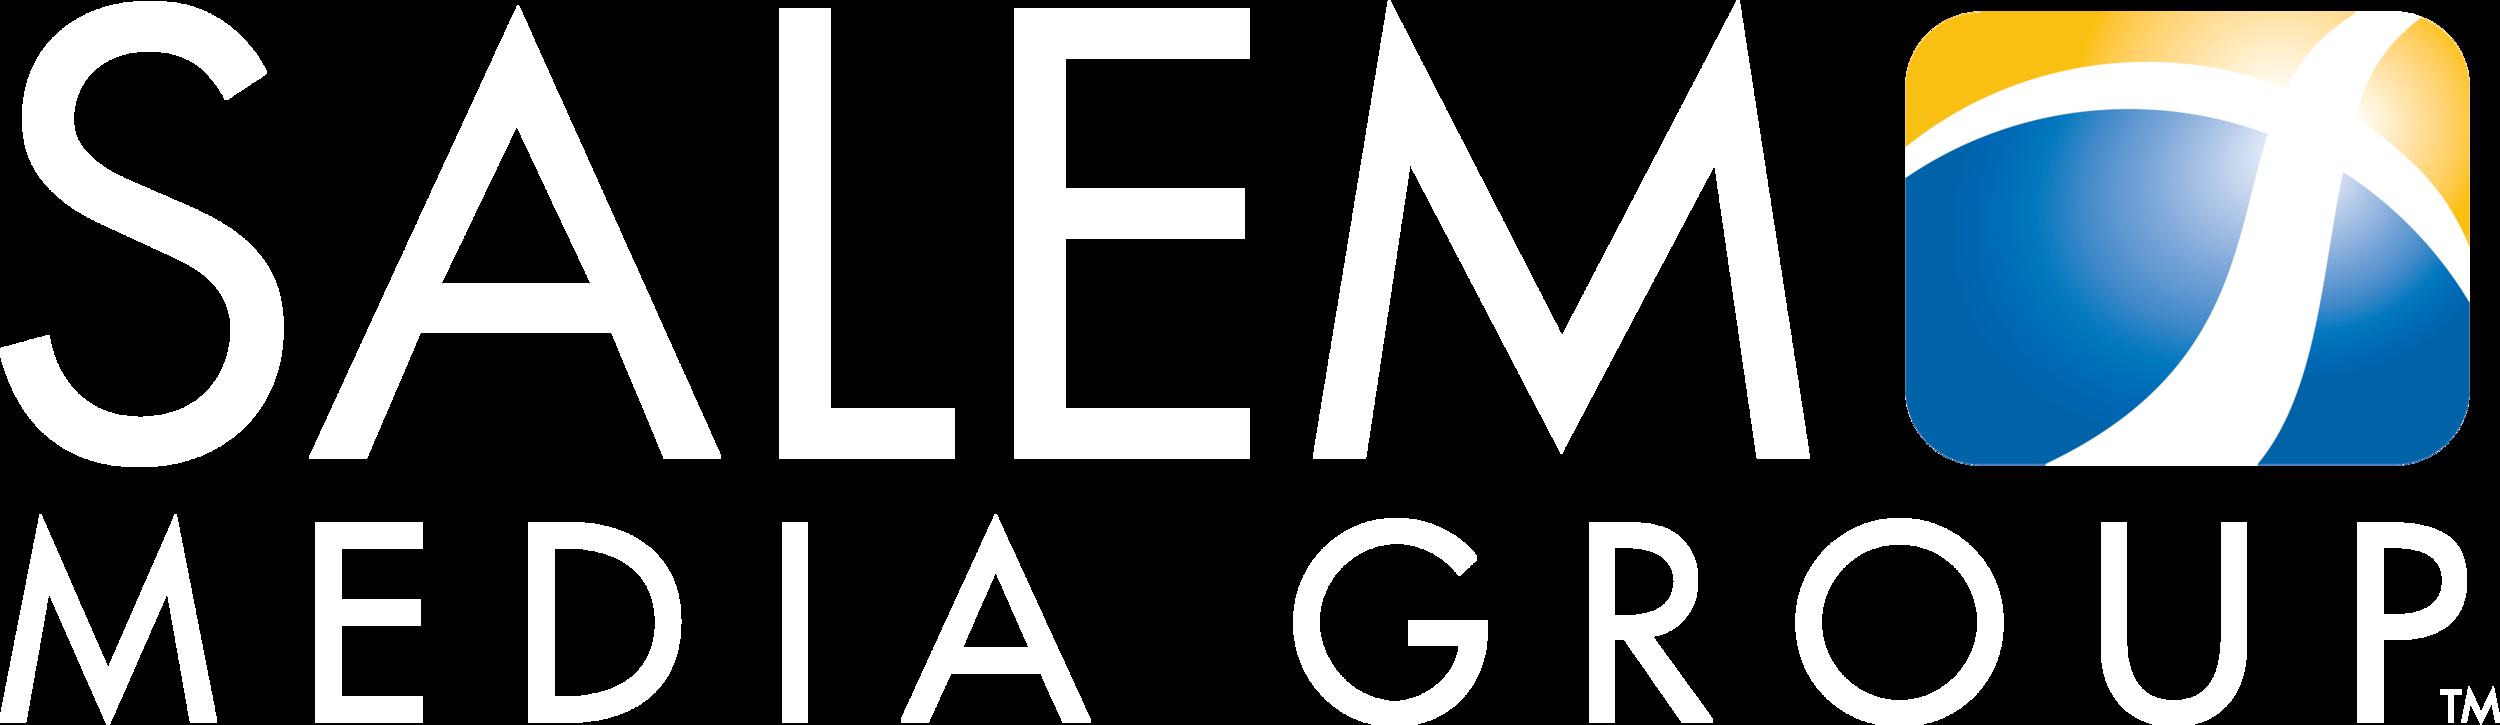 SalemMediaGroup.png